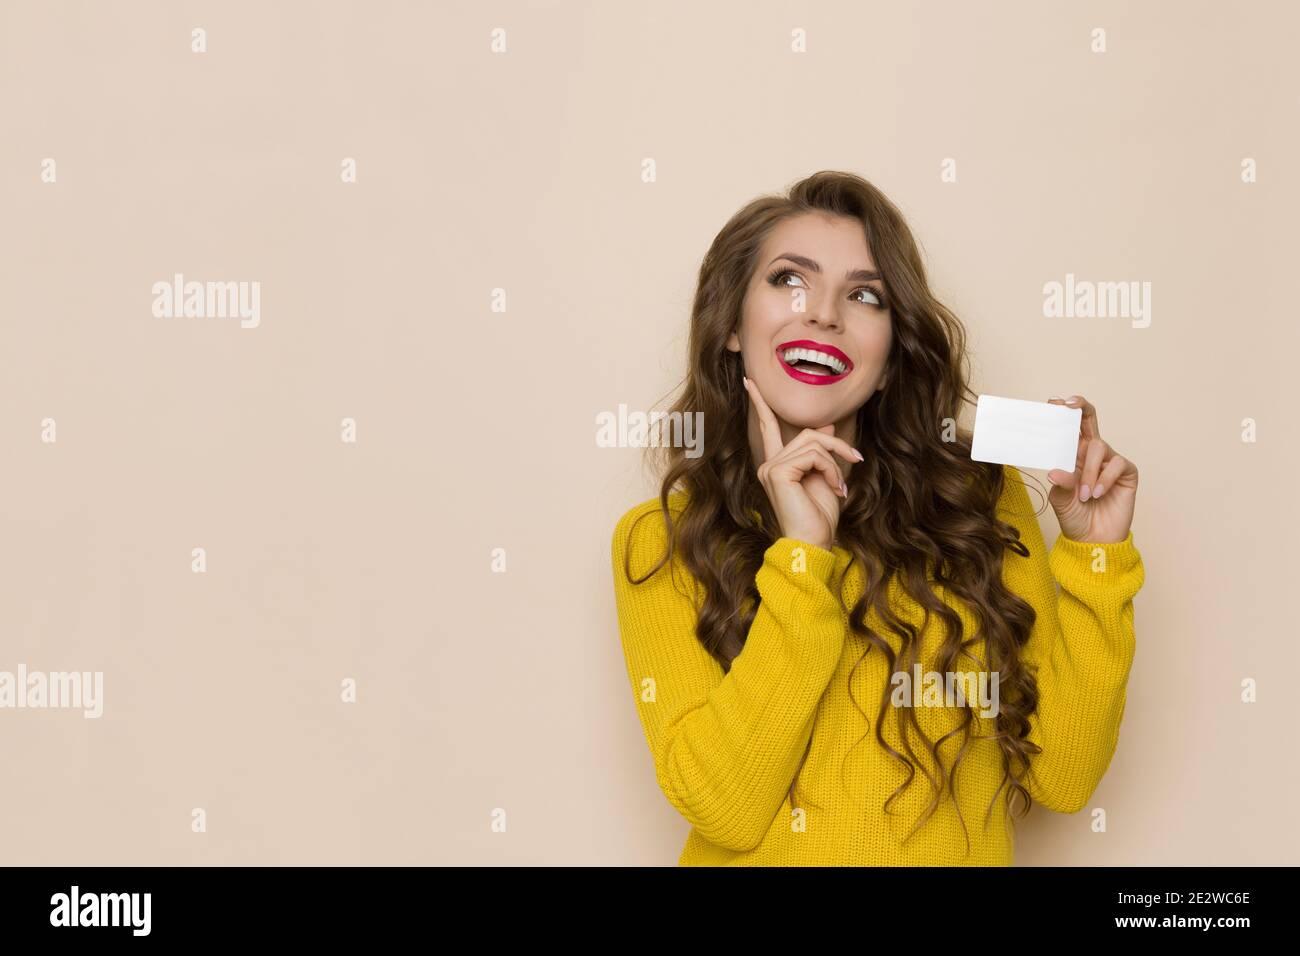 Une jeune femme décontractée tient une carte en plastique blanc, sourit, regarde et pense. Taille haute, prise en studio sur fond beige. Banque D'Images